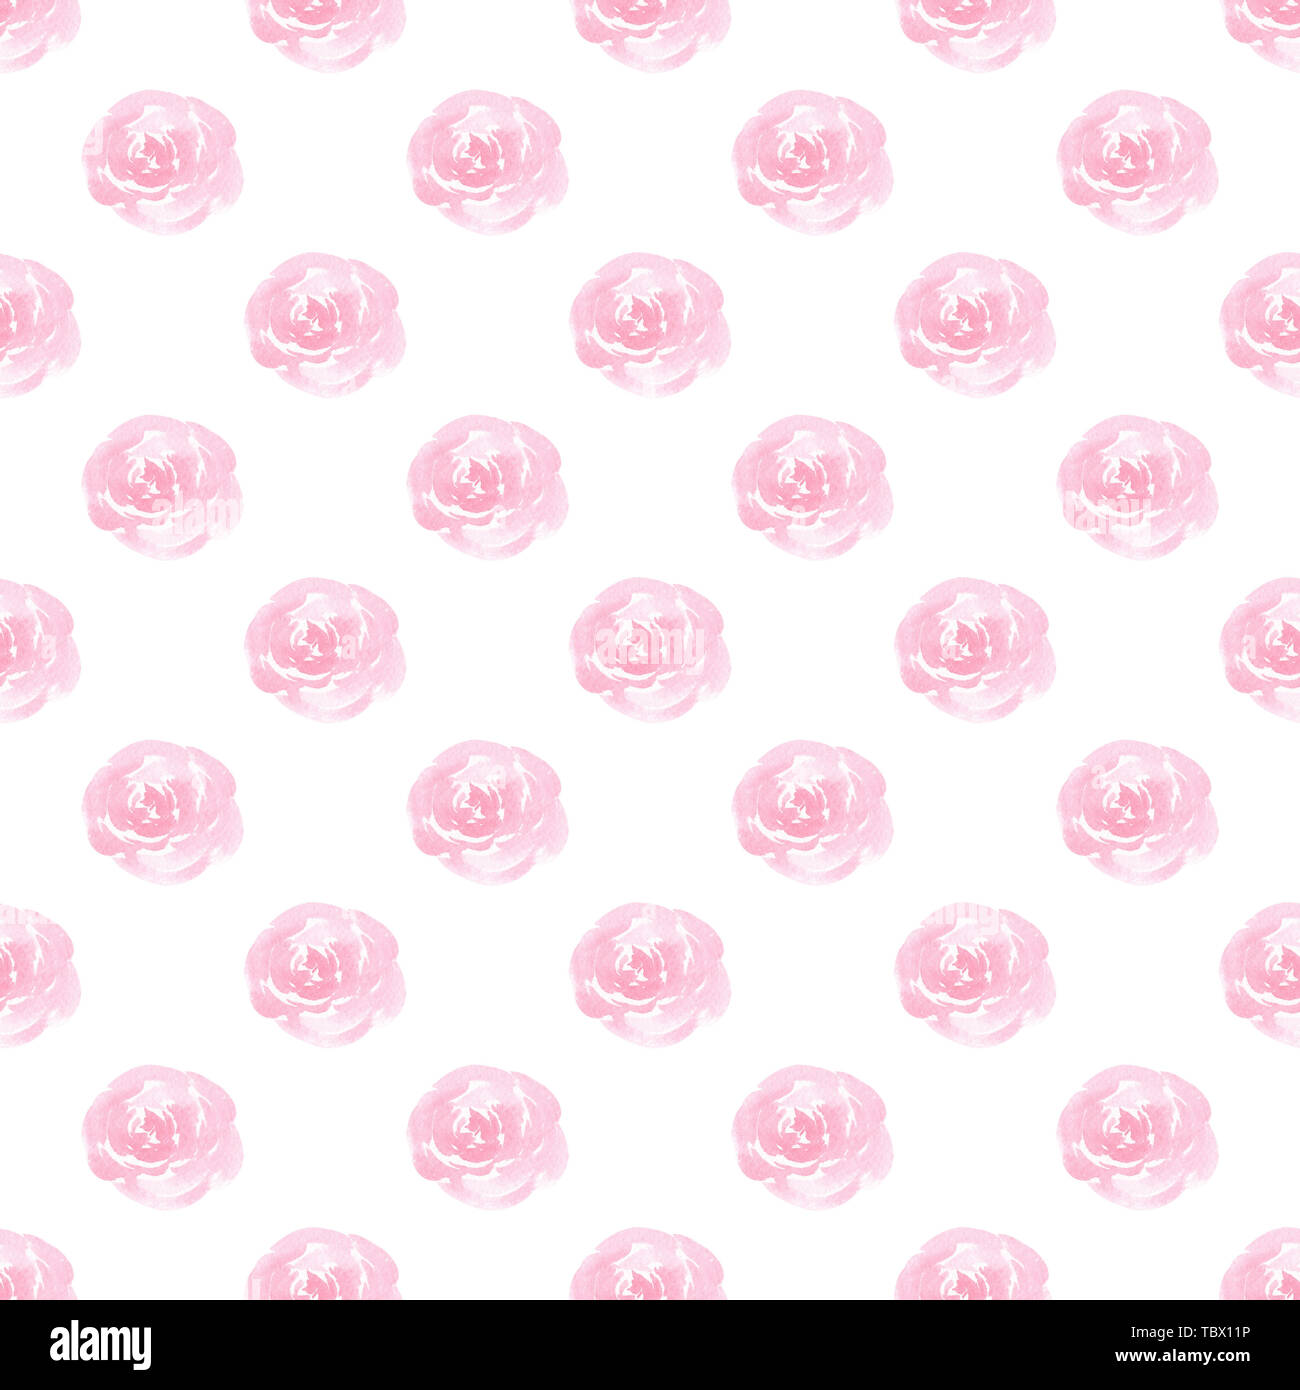 Le rose rosa acquerello pattern senza giunture Immagini Stock